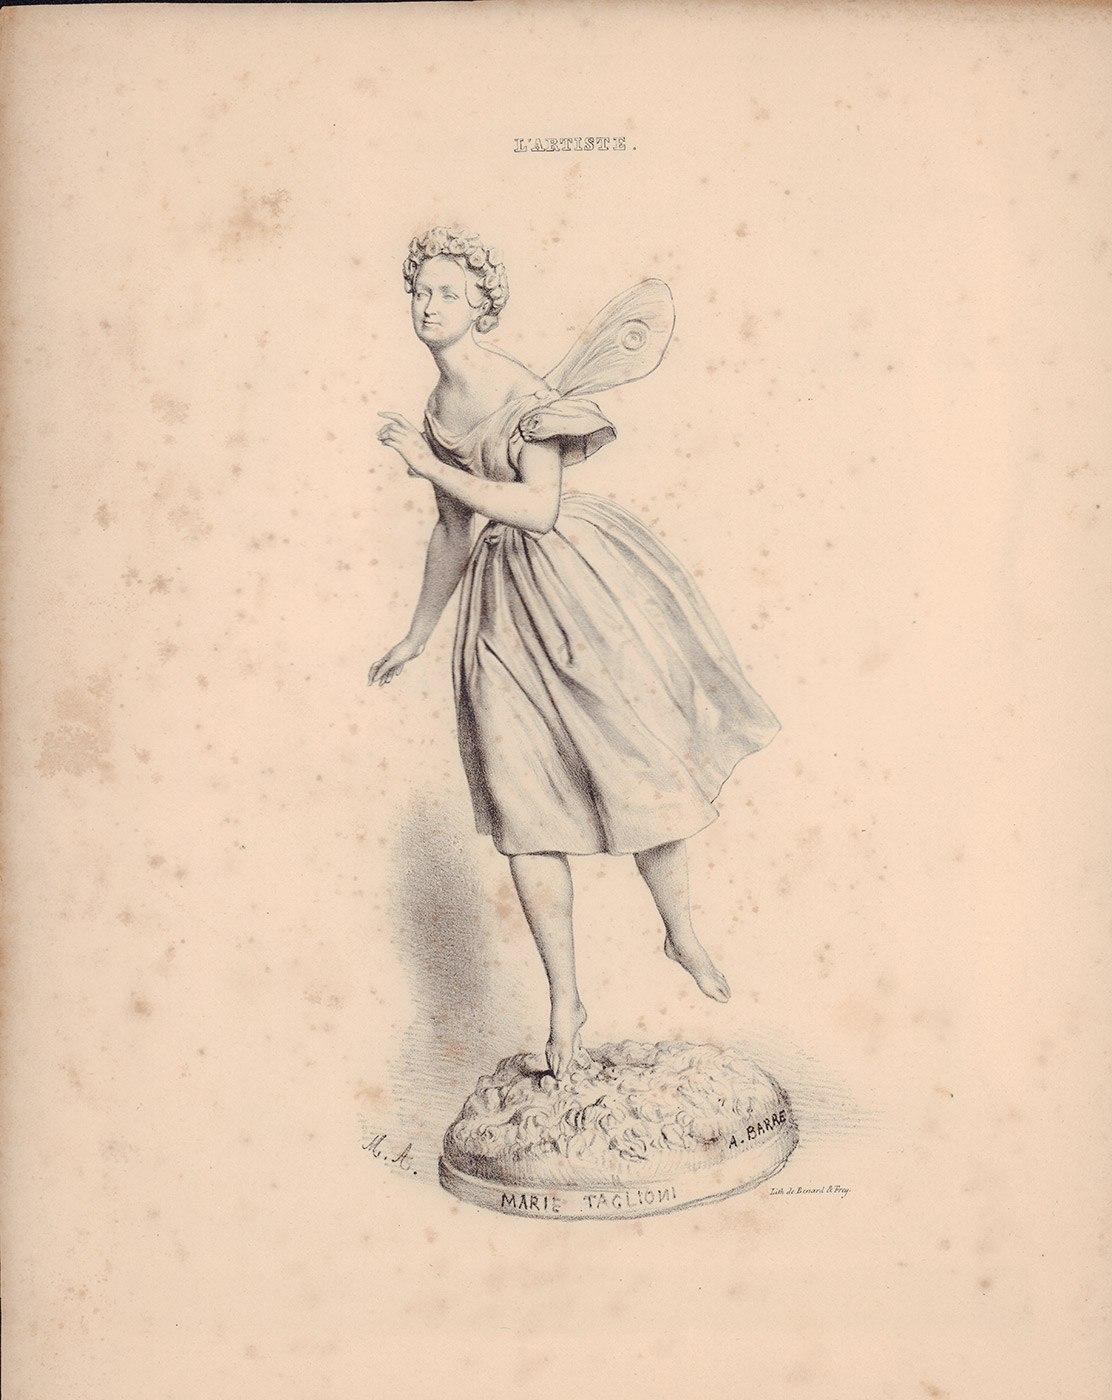 Литография с изображением Марии Тальони